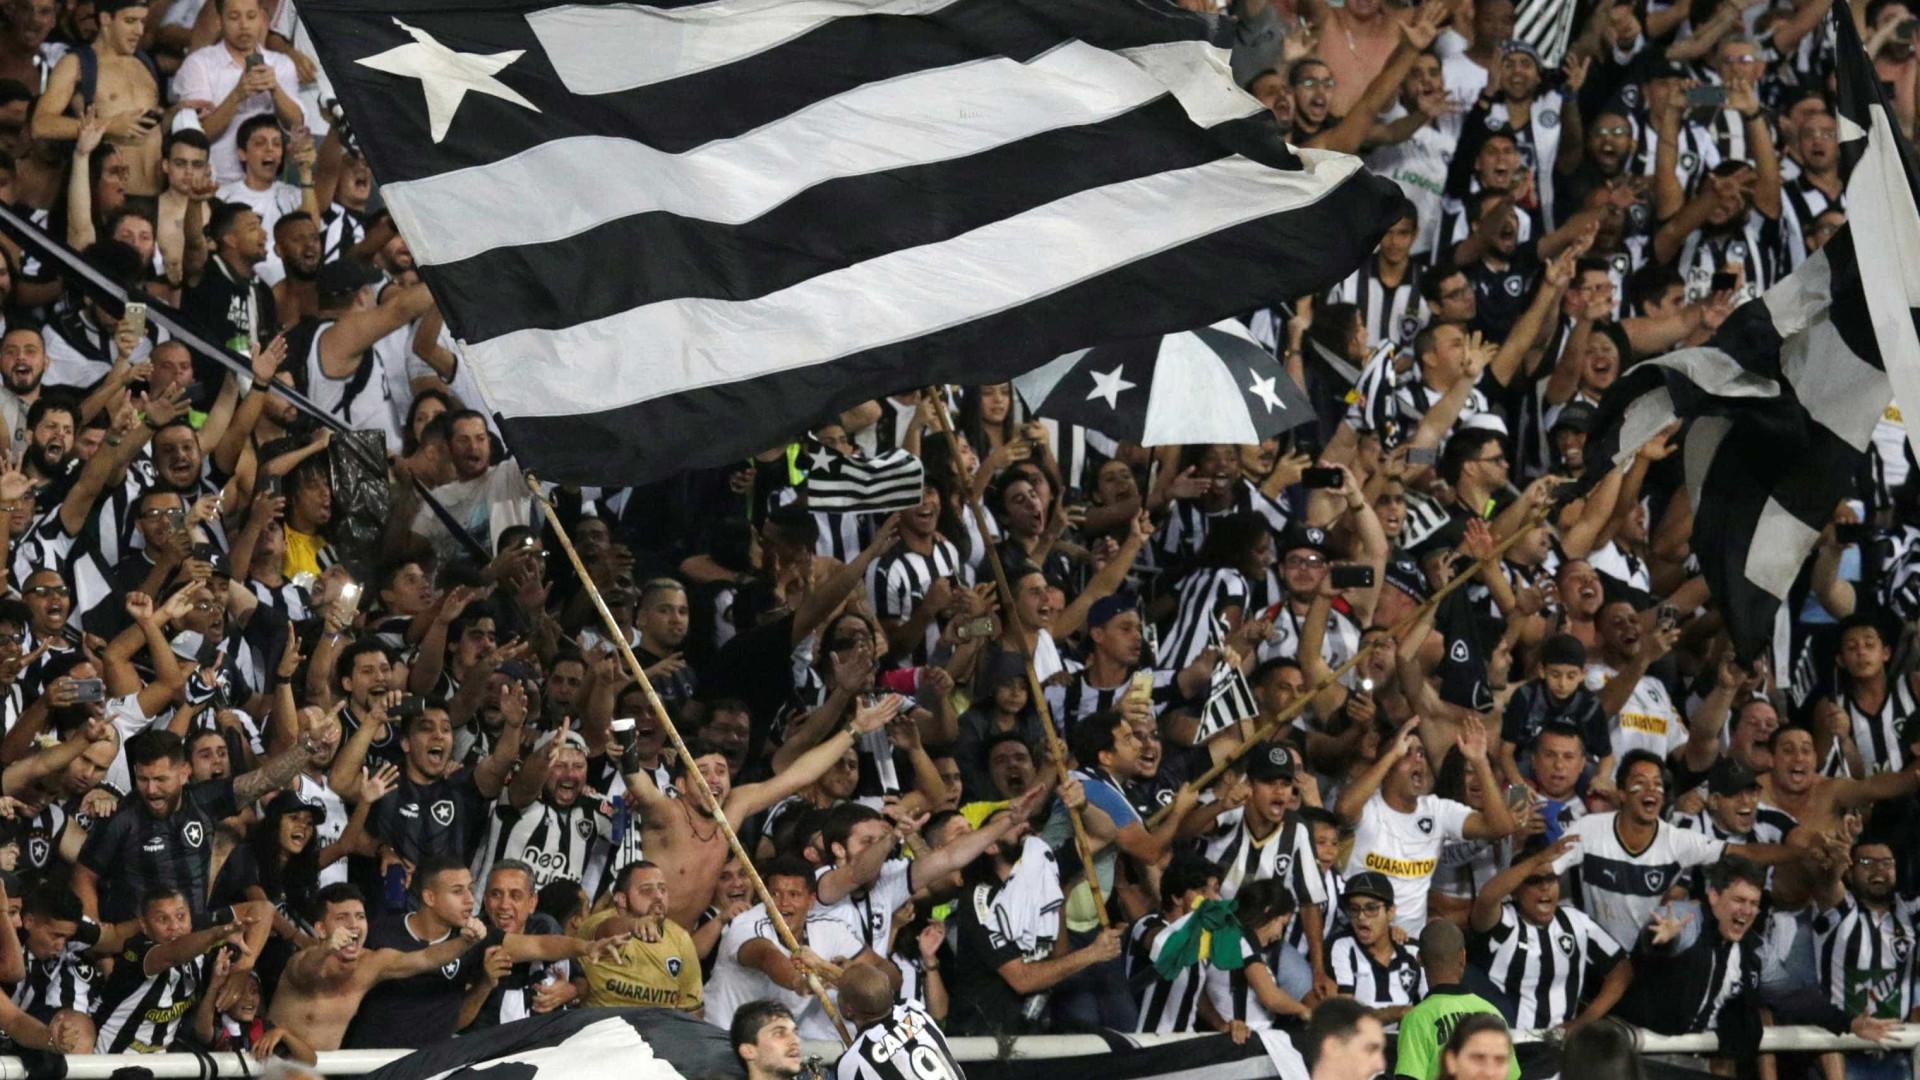 Torcida do Flamengo esgota ingressos para clássico contra o Botafogo